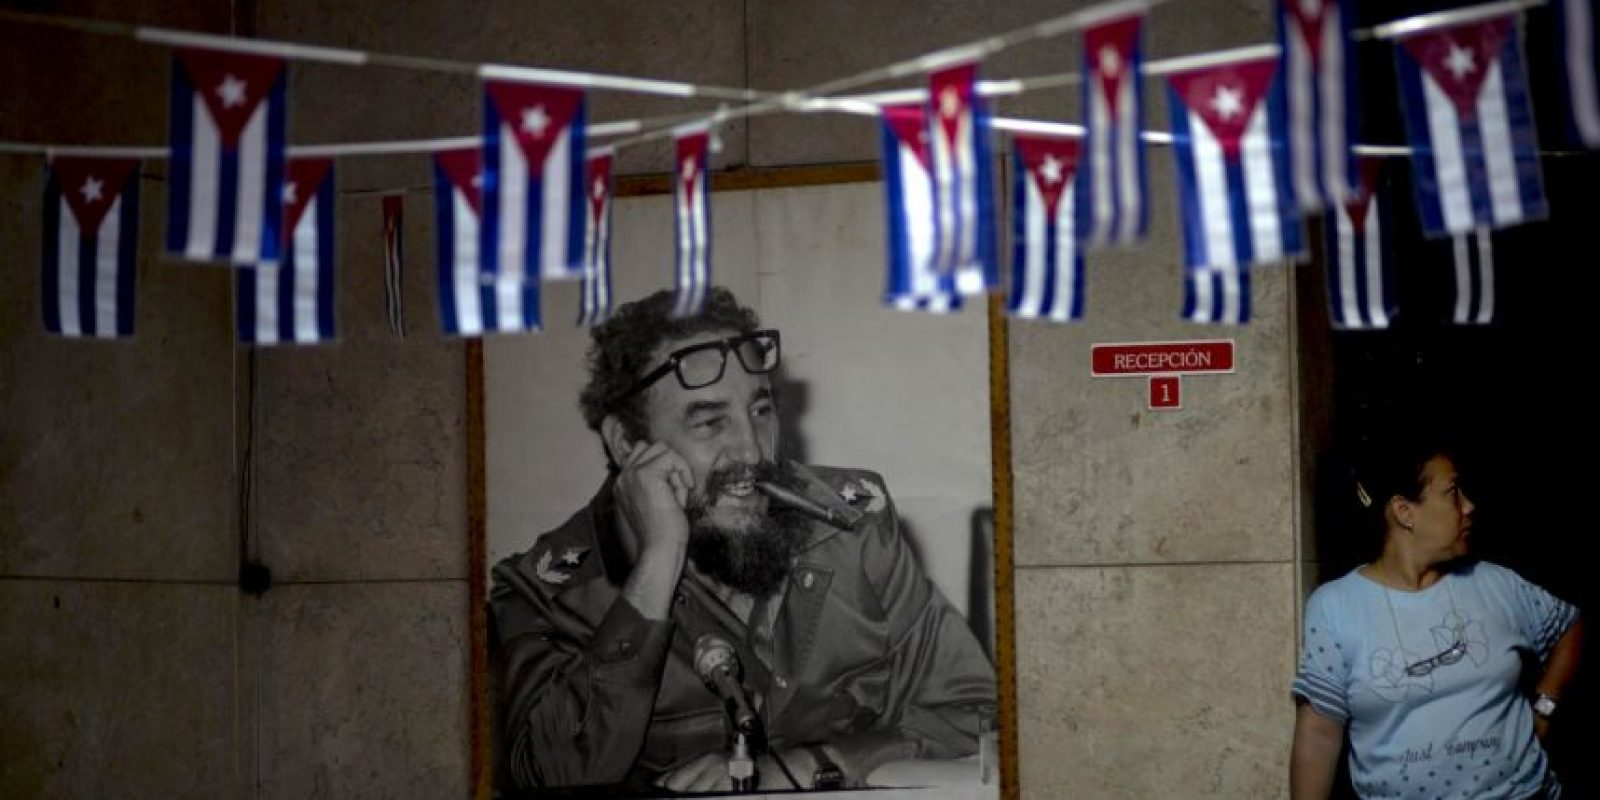 Una de las primeras grandes reformas del gobierno de Raúl Castro fue levantar trabas legales que limitaban al pueblo cubano, como el acceso libre a los hoteles, la renta de automóviles y la venta de teléfonos celulares en el año 2008. Foto:AP